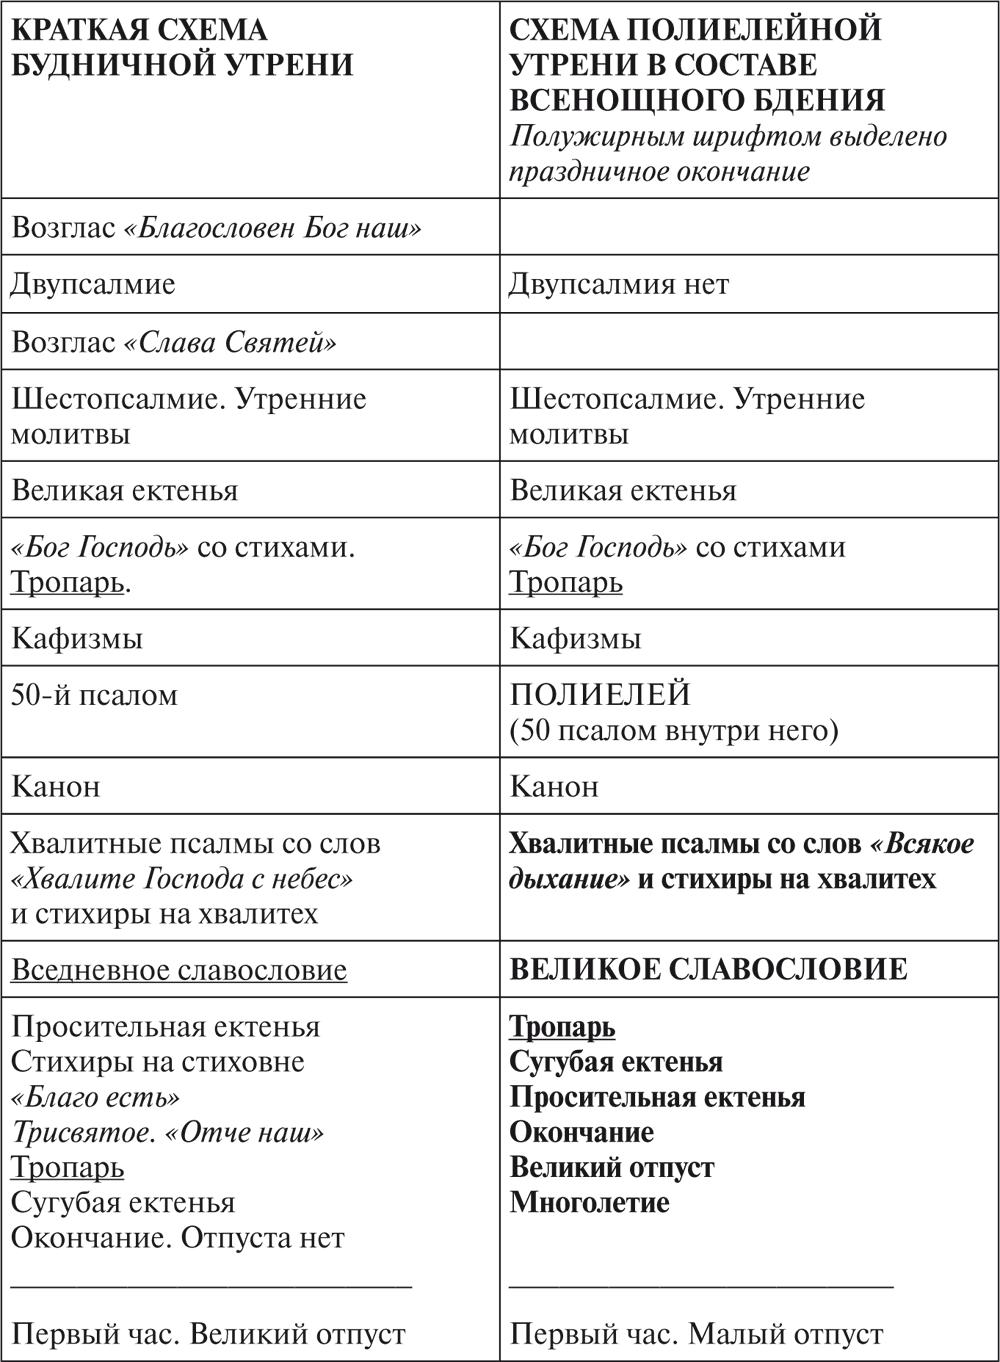 Божественная литургия в православной церкви: суть, значение и пояснение простыми словами + этапы проведения богослужения